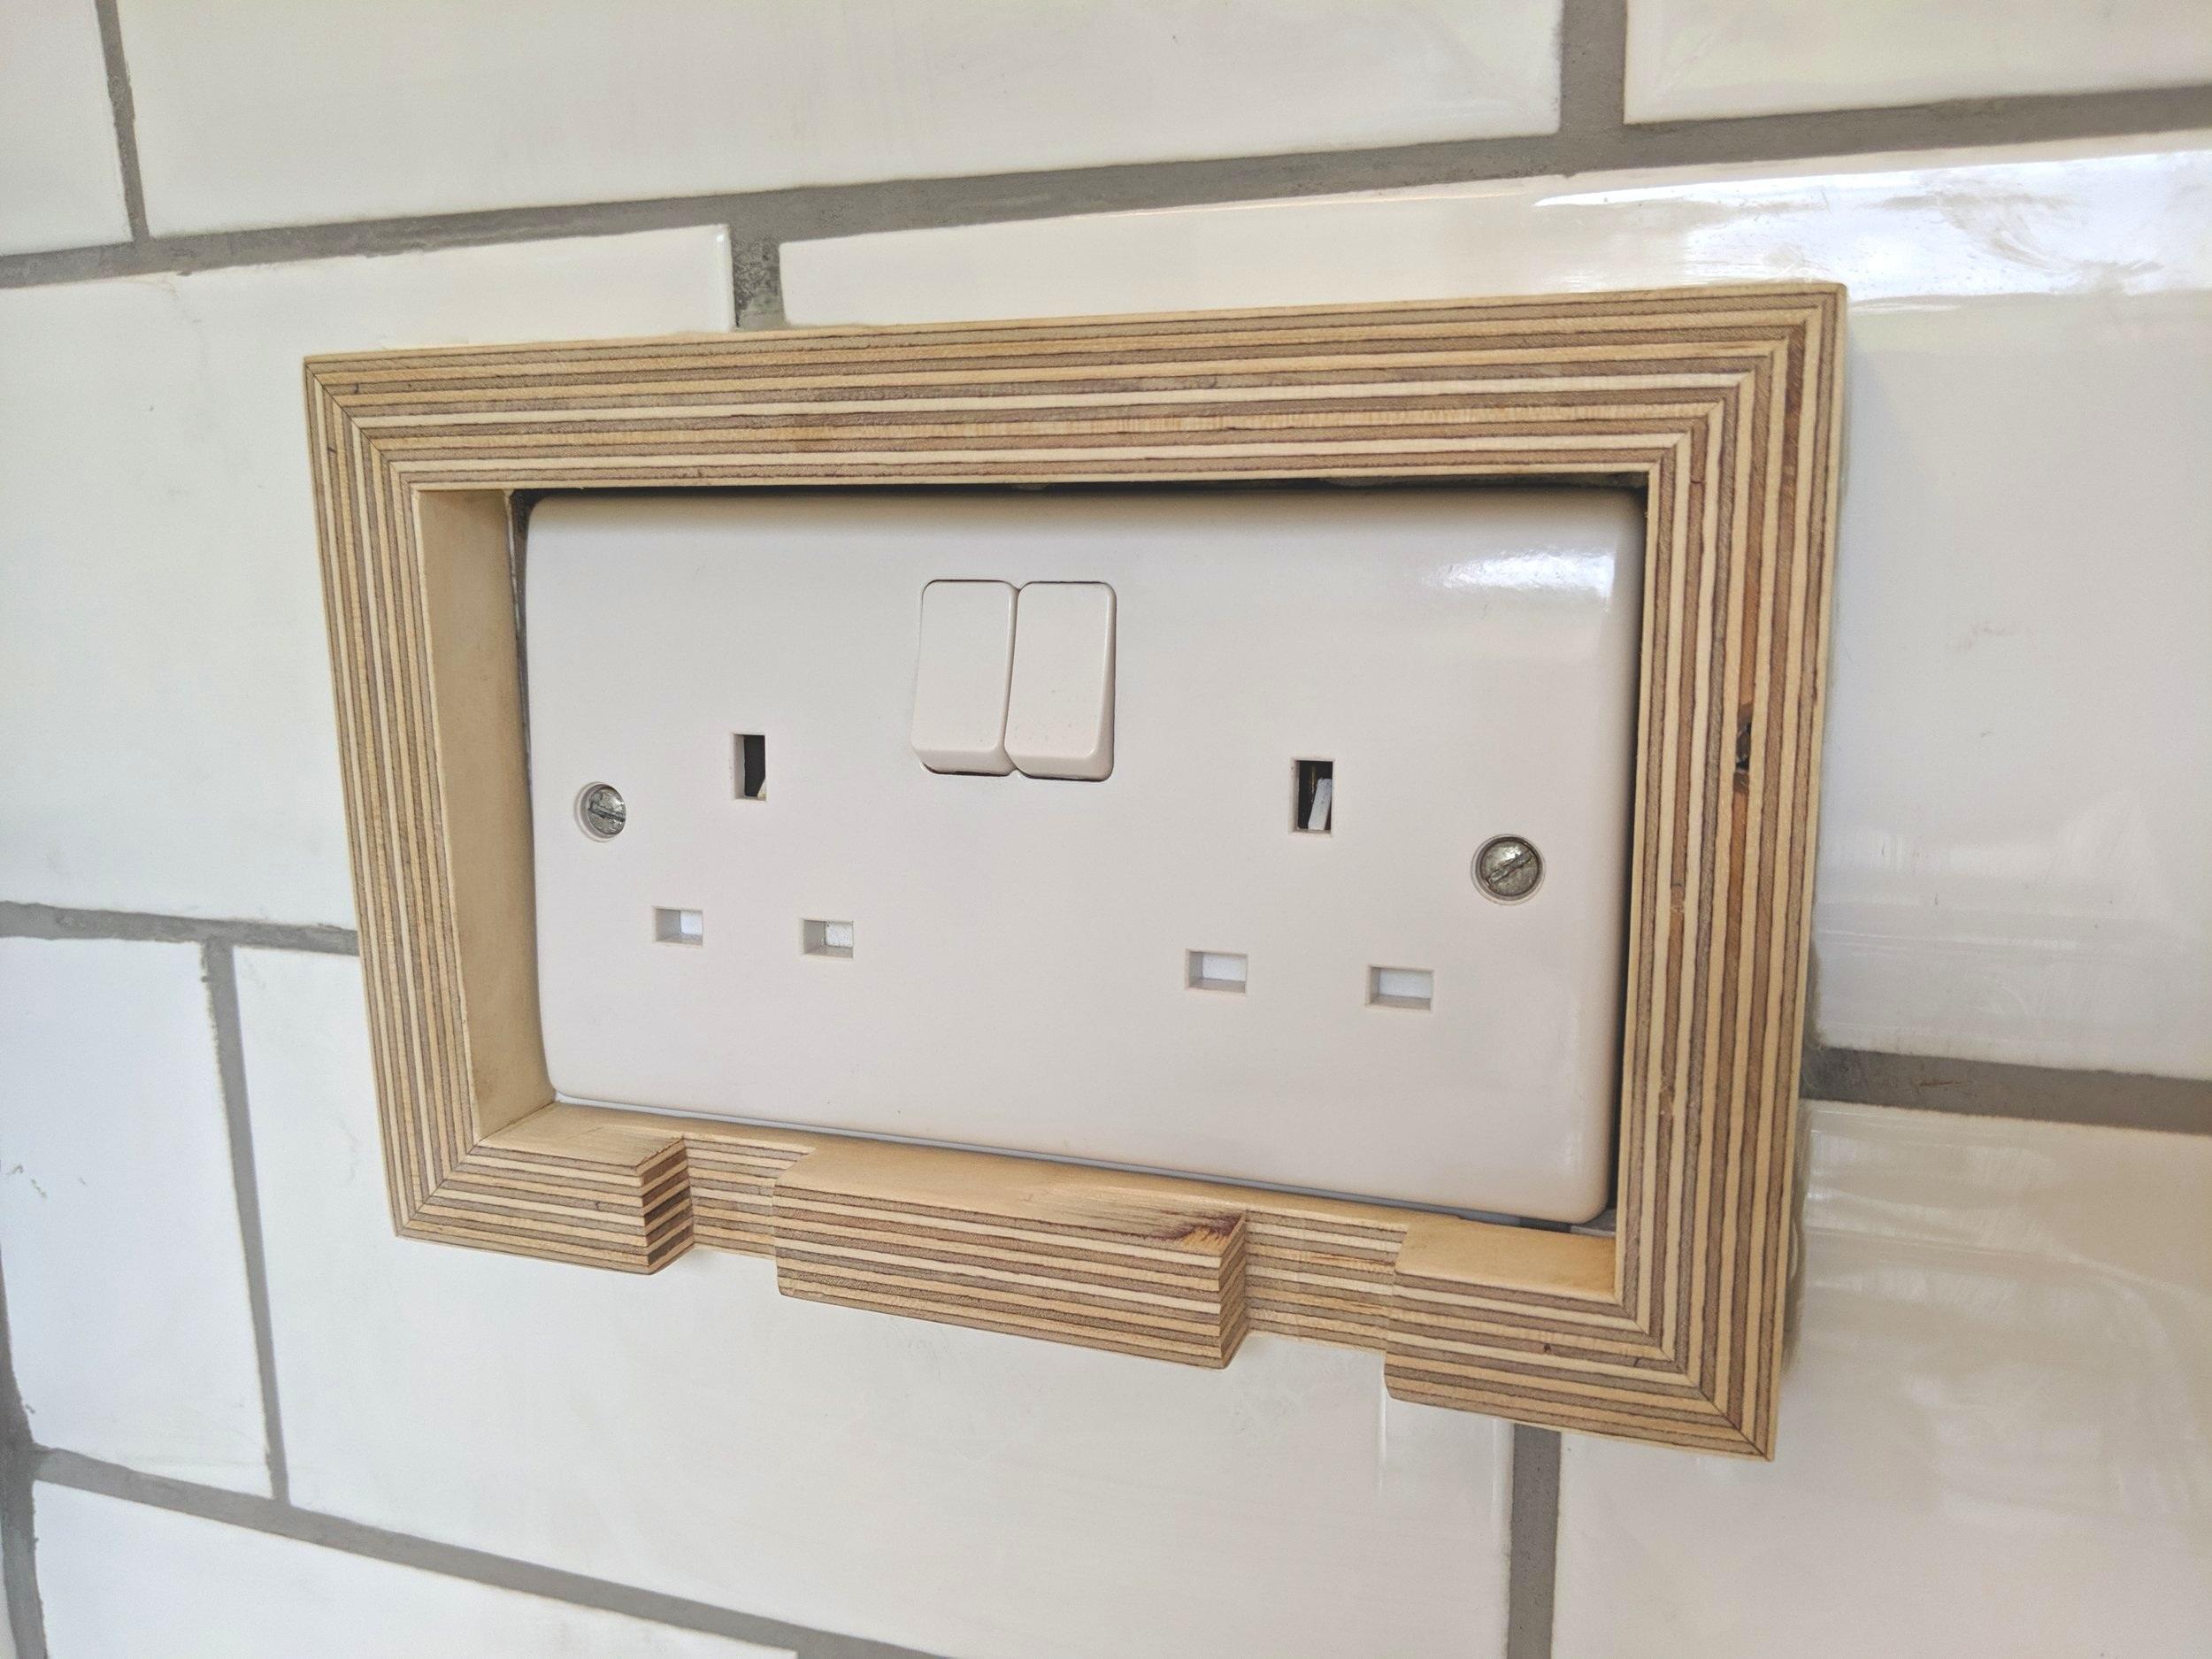 OOOD van plug detail